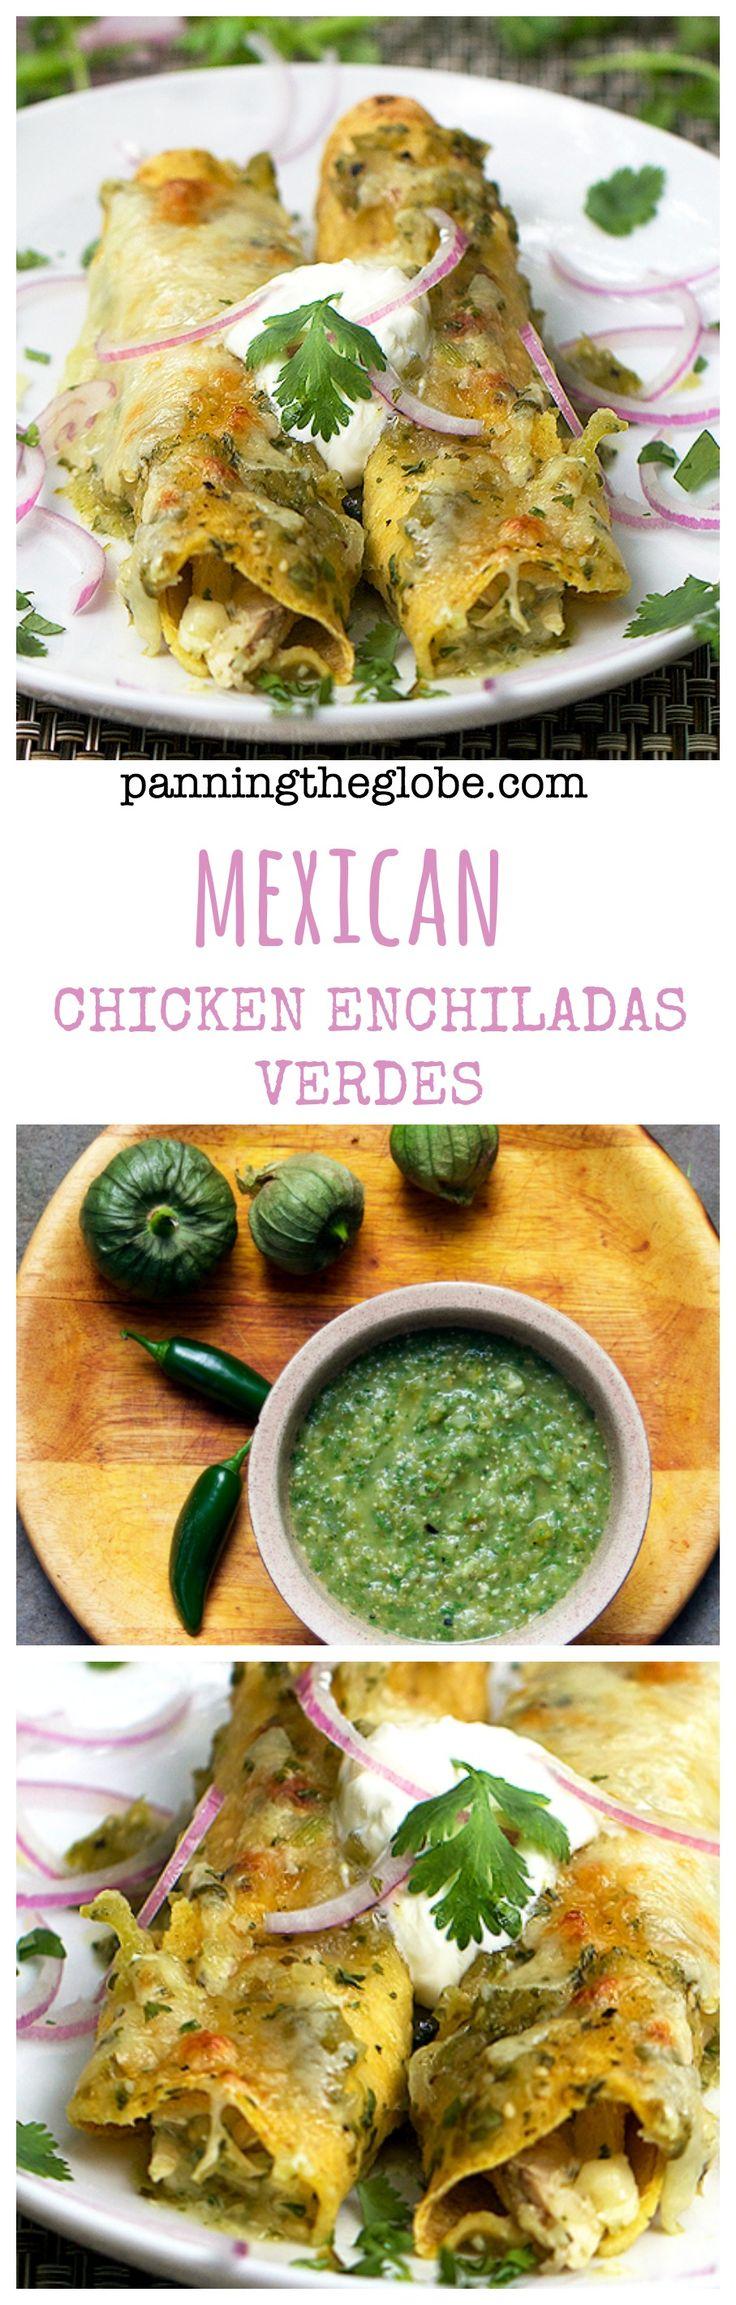 Chicken Enchiladas Verdes: tender chicken, tangy roasted tomatillo salsa, melted cheese, corn tortillas.  #GlutenFree